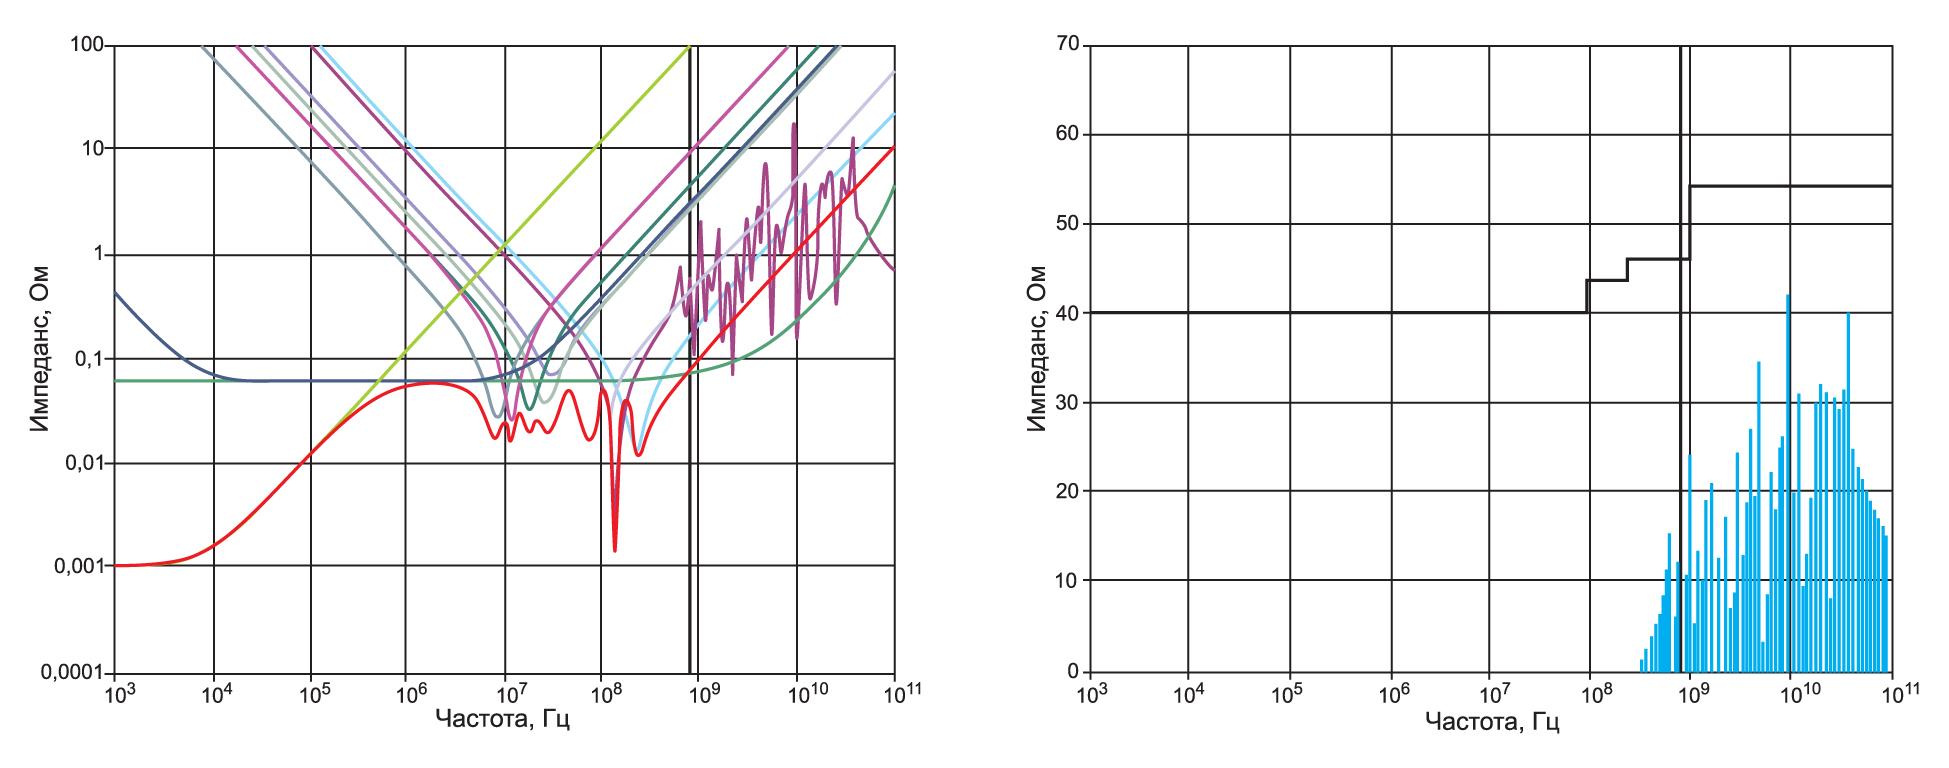 Оптимизация схемы распределенного питания с заданными уровнями ЭМП